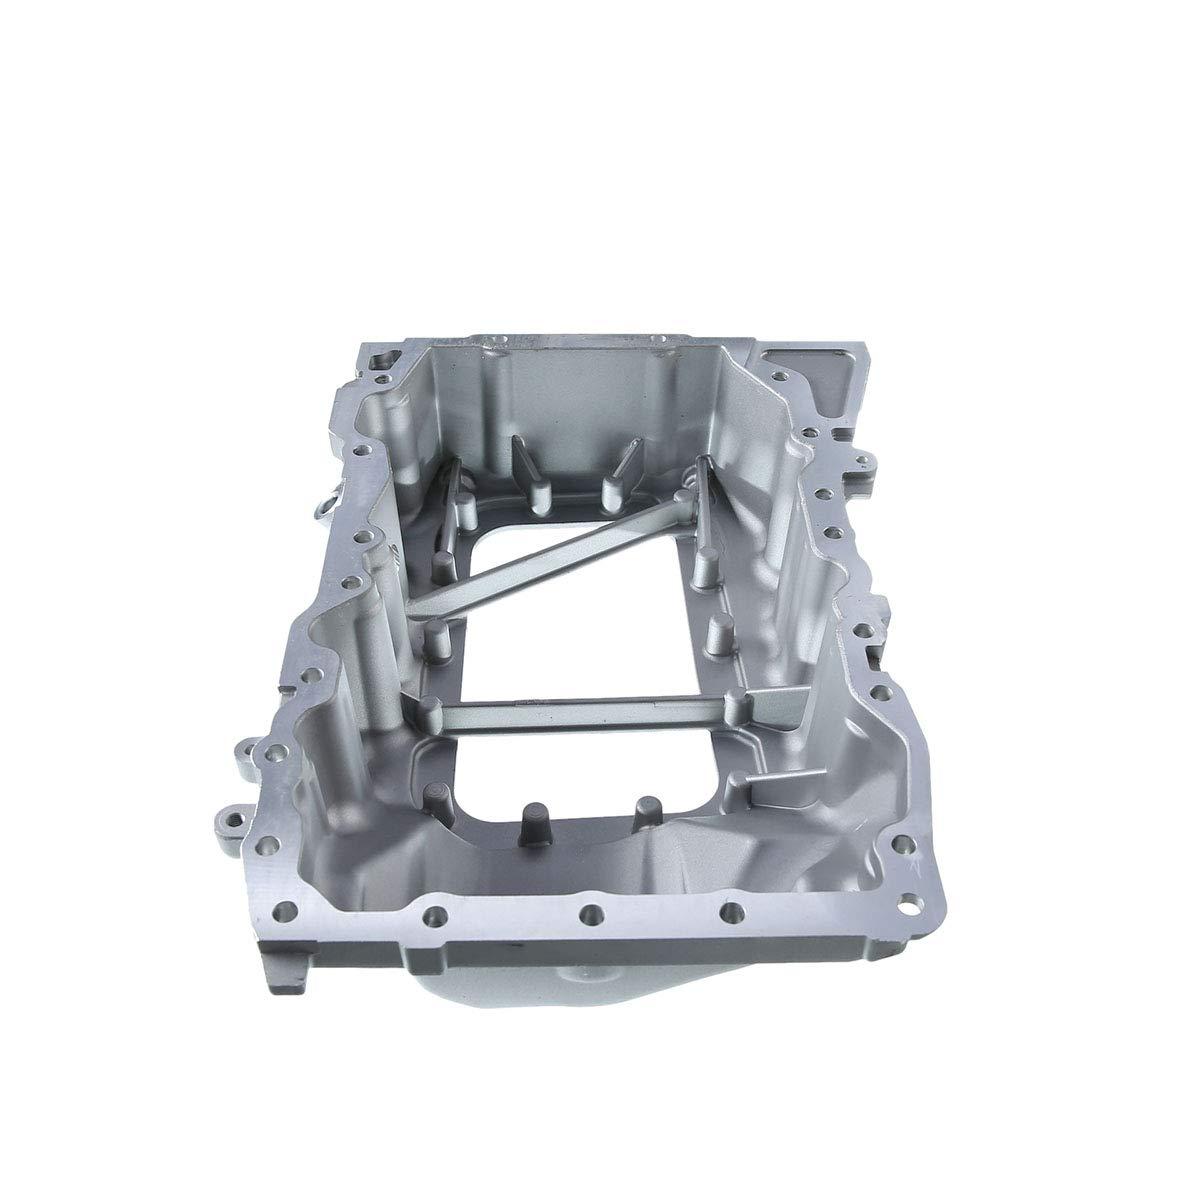 A-Premium Upper Engine Oil Pan for Jeep Wrangler 2012-2017 Wrangler JK 2018 V6 3.6L